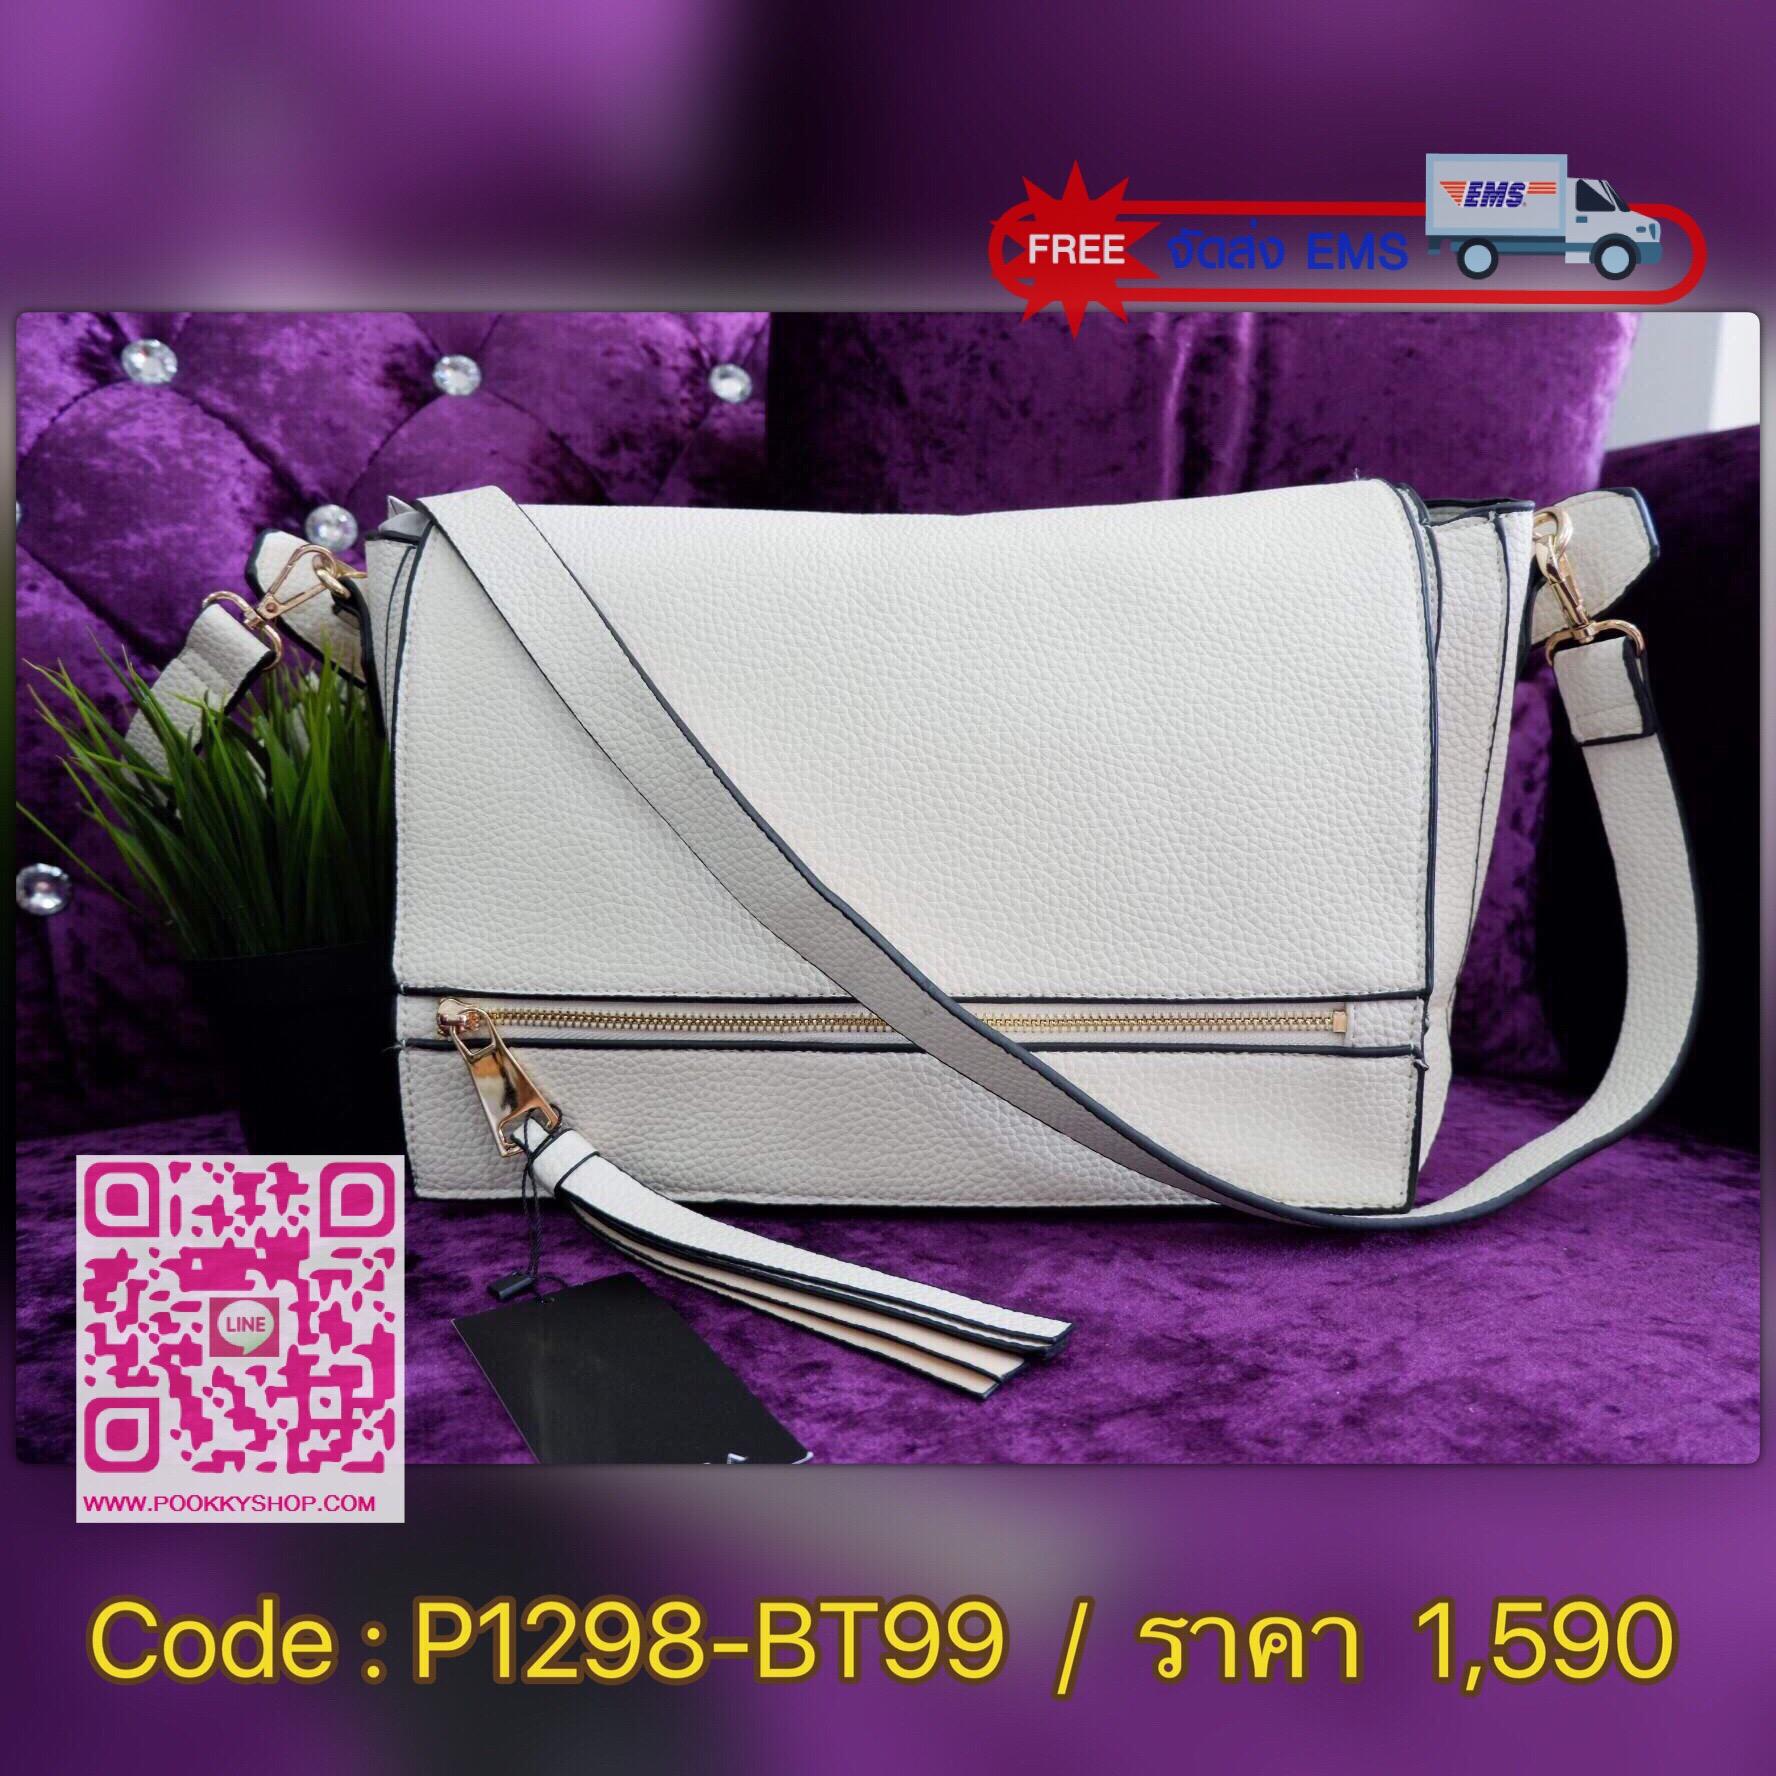 Zara กระเป๋าชนิดซิตี้สีขาว มีขอบสีตัดจากสีดำ กระเป๋ารูดปิดด้วยซิป หูหิ้วและสายสะพายปรับระดับและถอดออกได้ มีกระเป๋าข้างใน ปิดด้วยกระดุมแม่เหล็ก